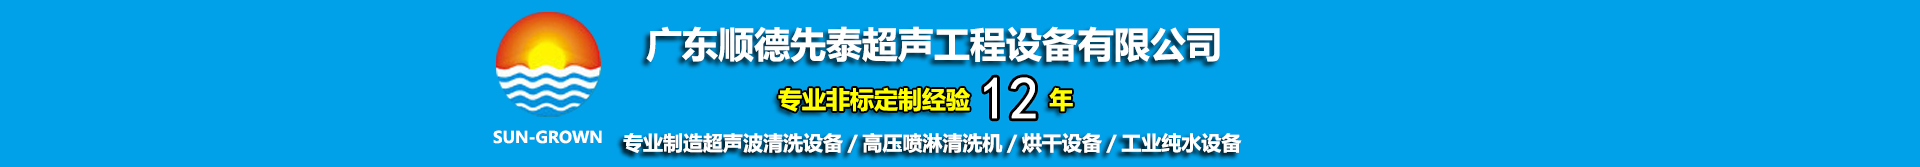 广东顺德先泰超声工程设备有限公司